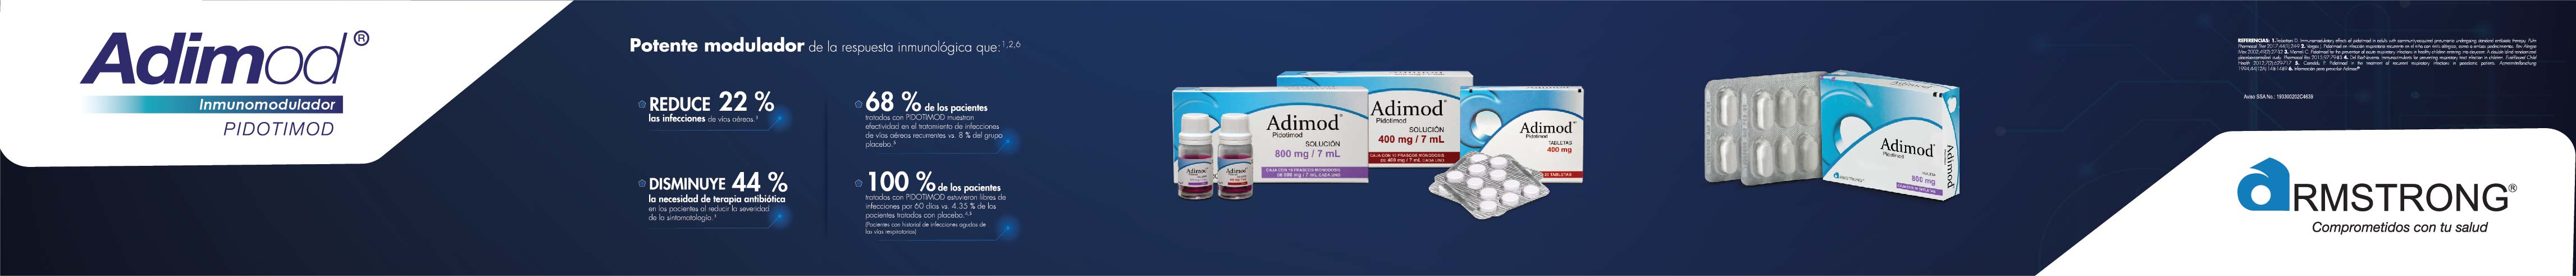 Armstrong-Adimod